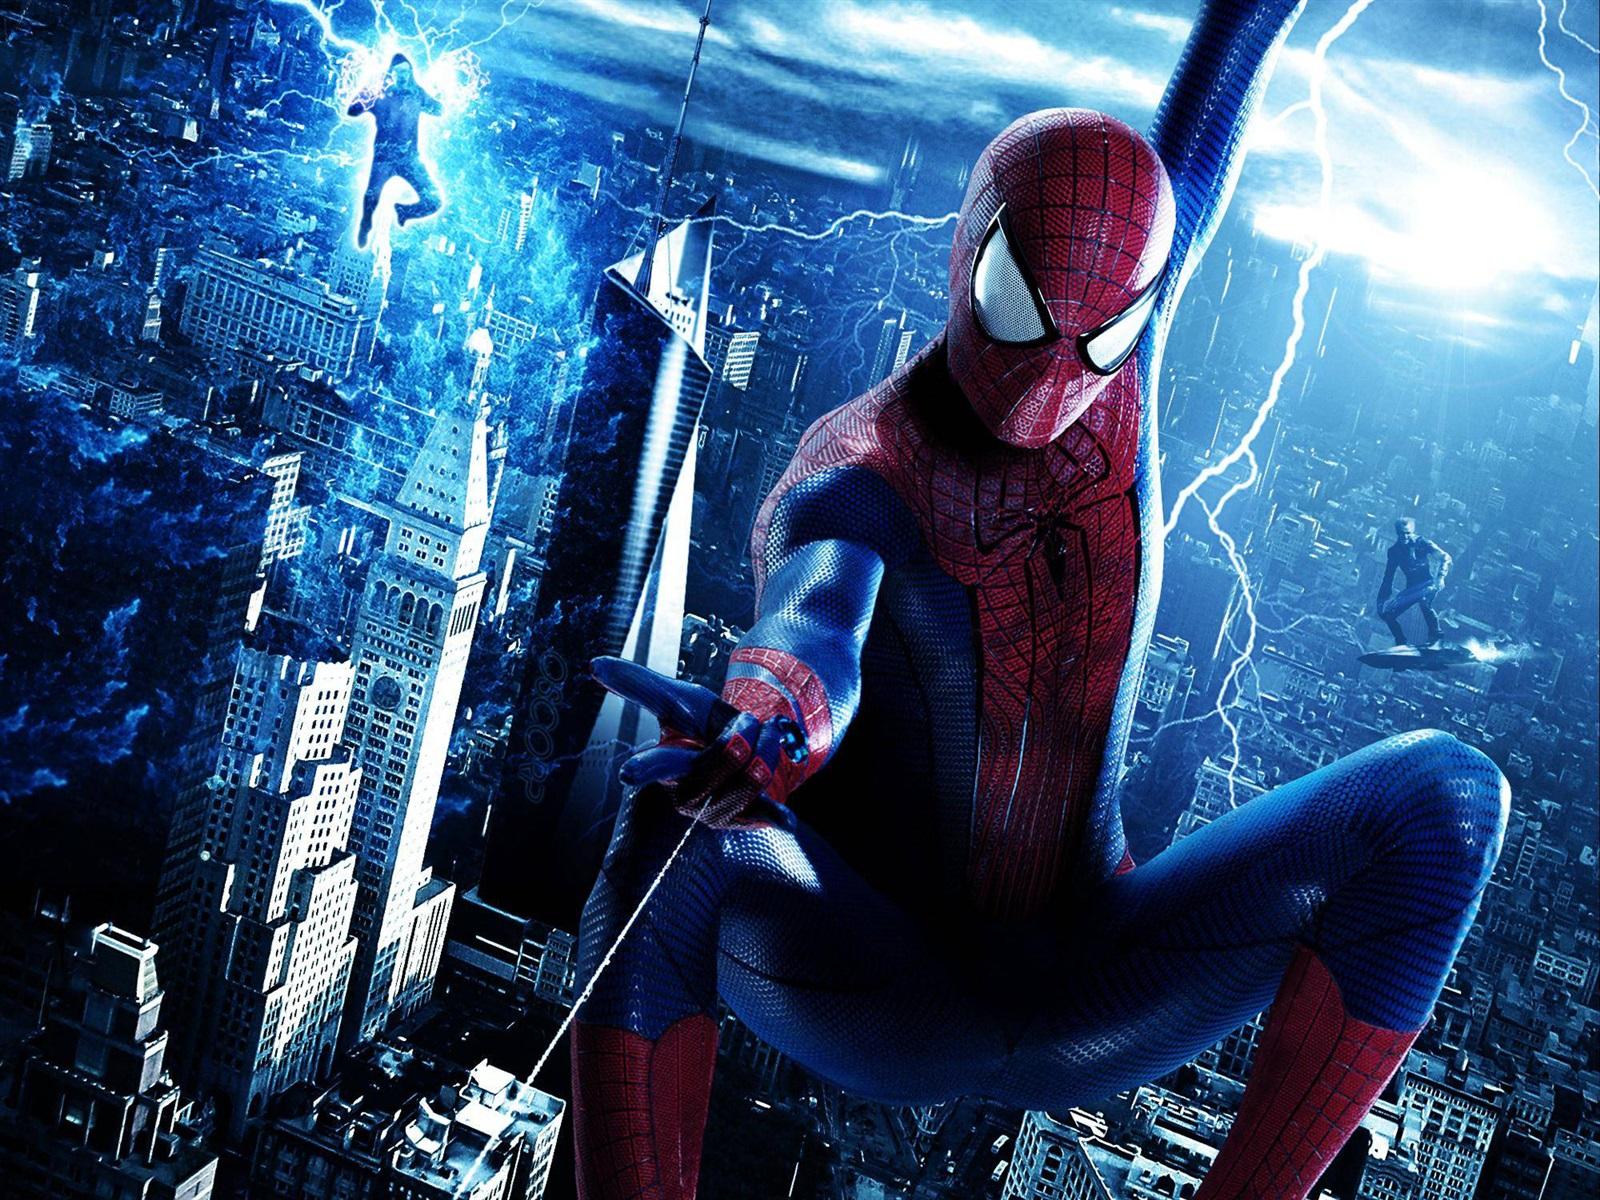 超凡蜘蛛侠2 HD 壁纸 | 1600x1200 壁纸下载 |